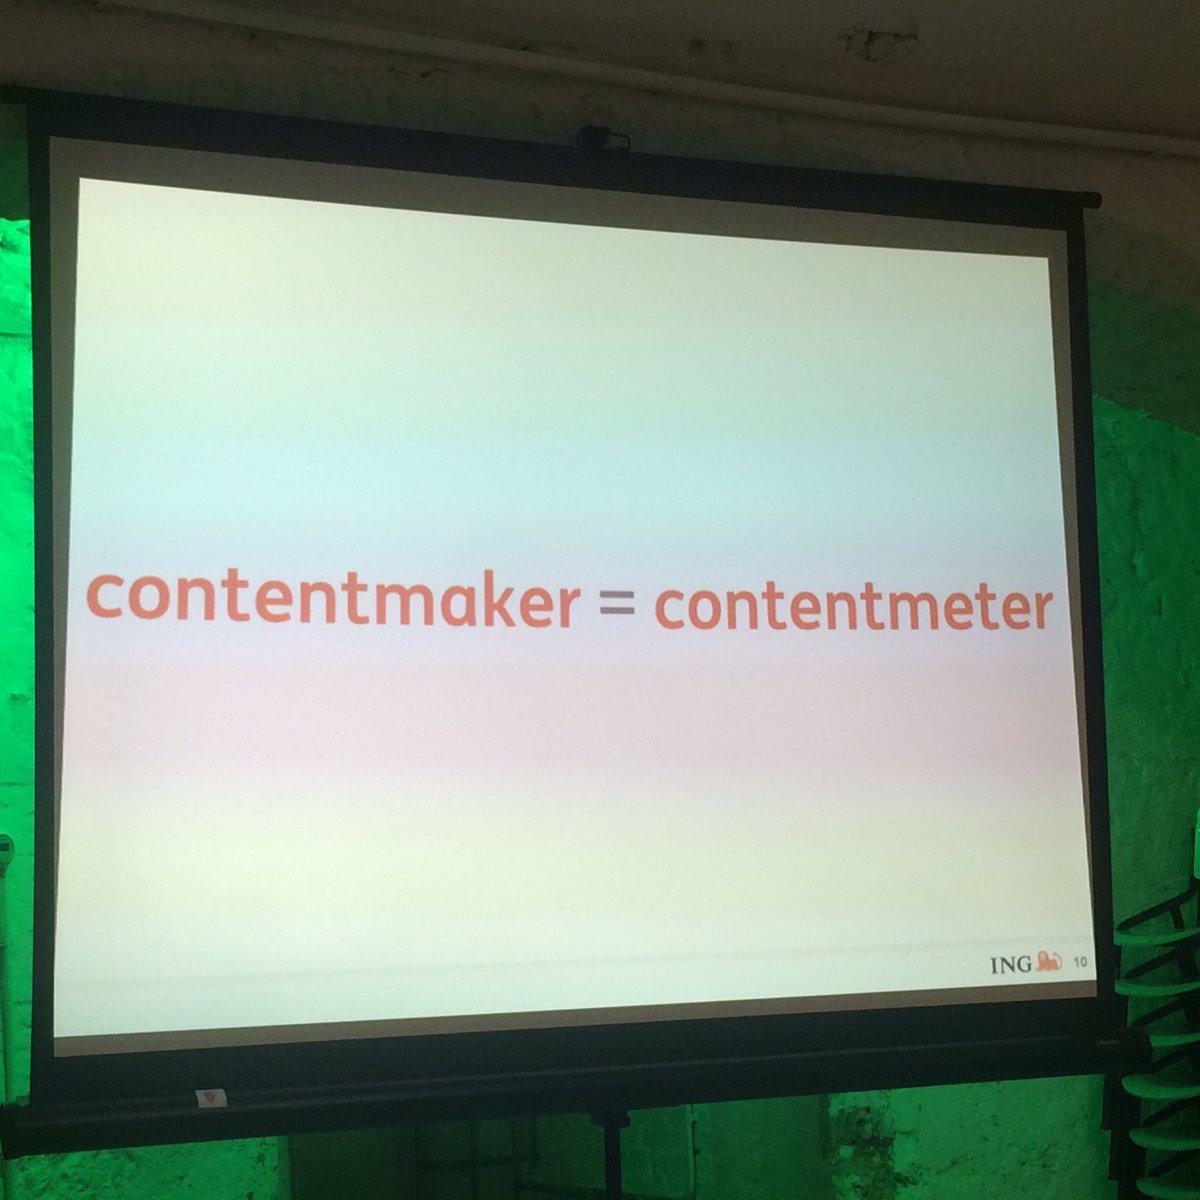 'Als je helemaal niet van cijfers houdt, heb je het lastig als contentmaker.' #contentcafe https://t.co/L9TUzcDv8U